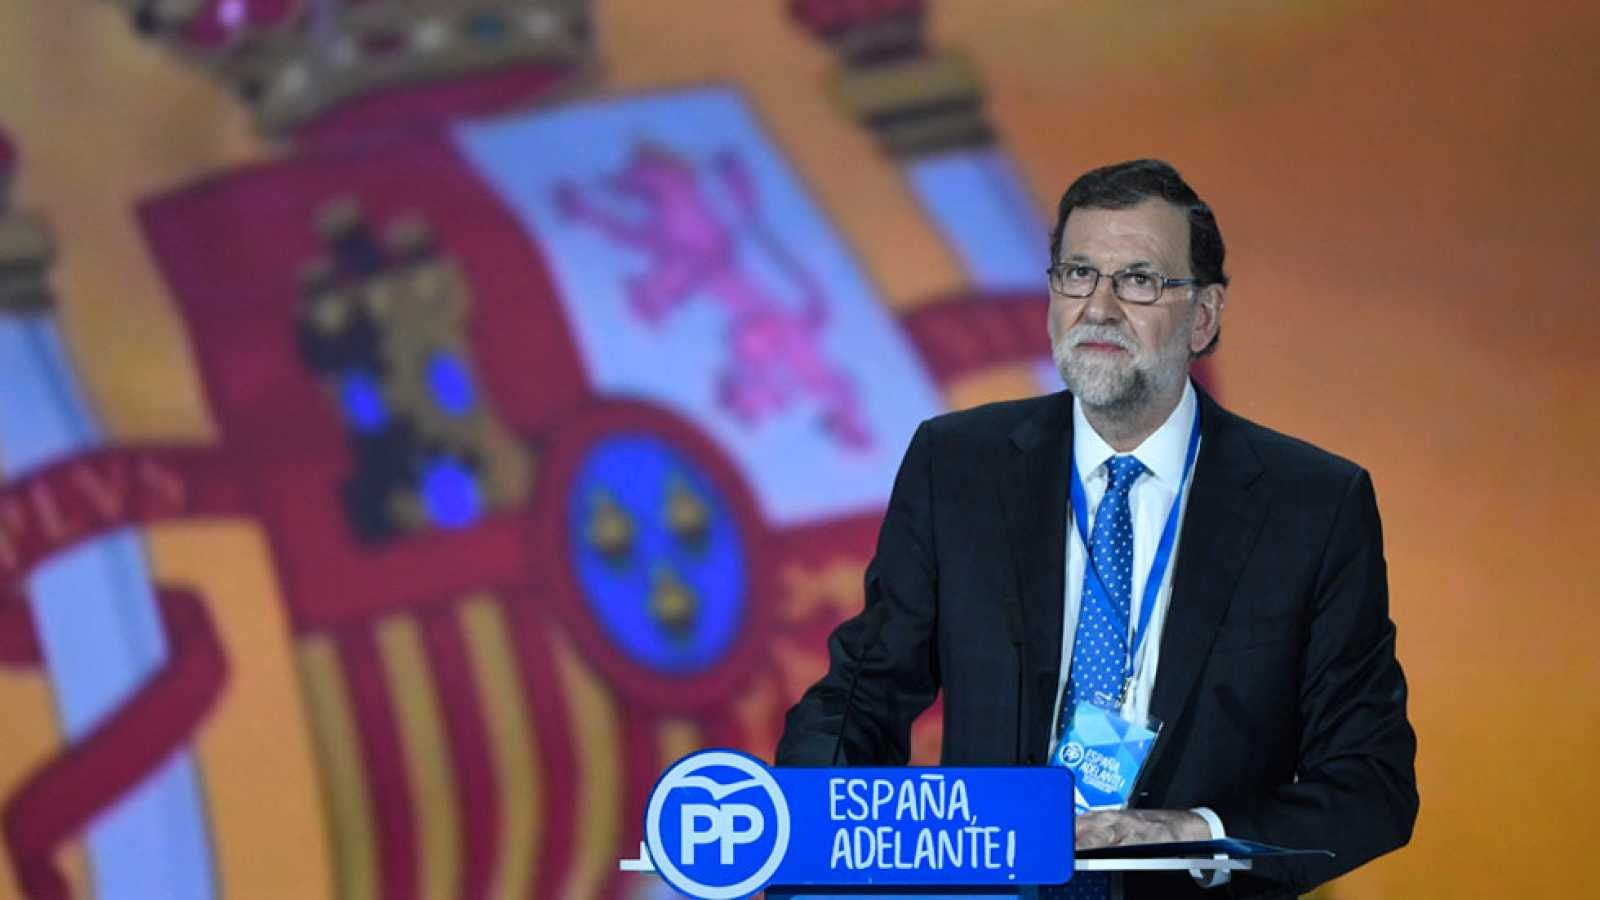 Los populares cierran su Congreso Nacional con el discurso de Rajoy